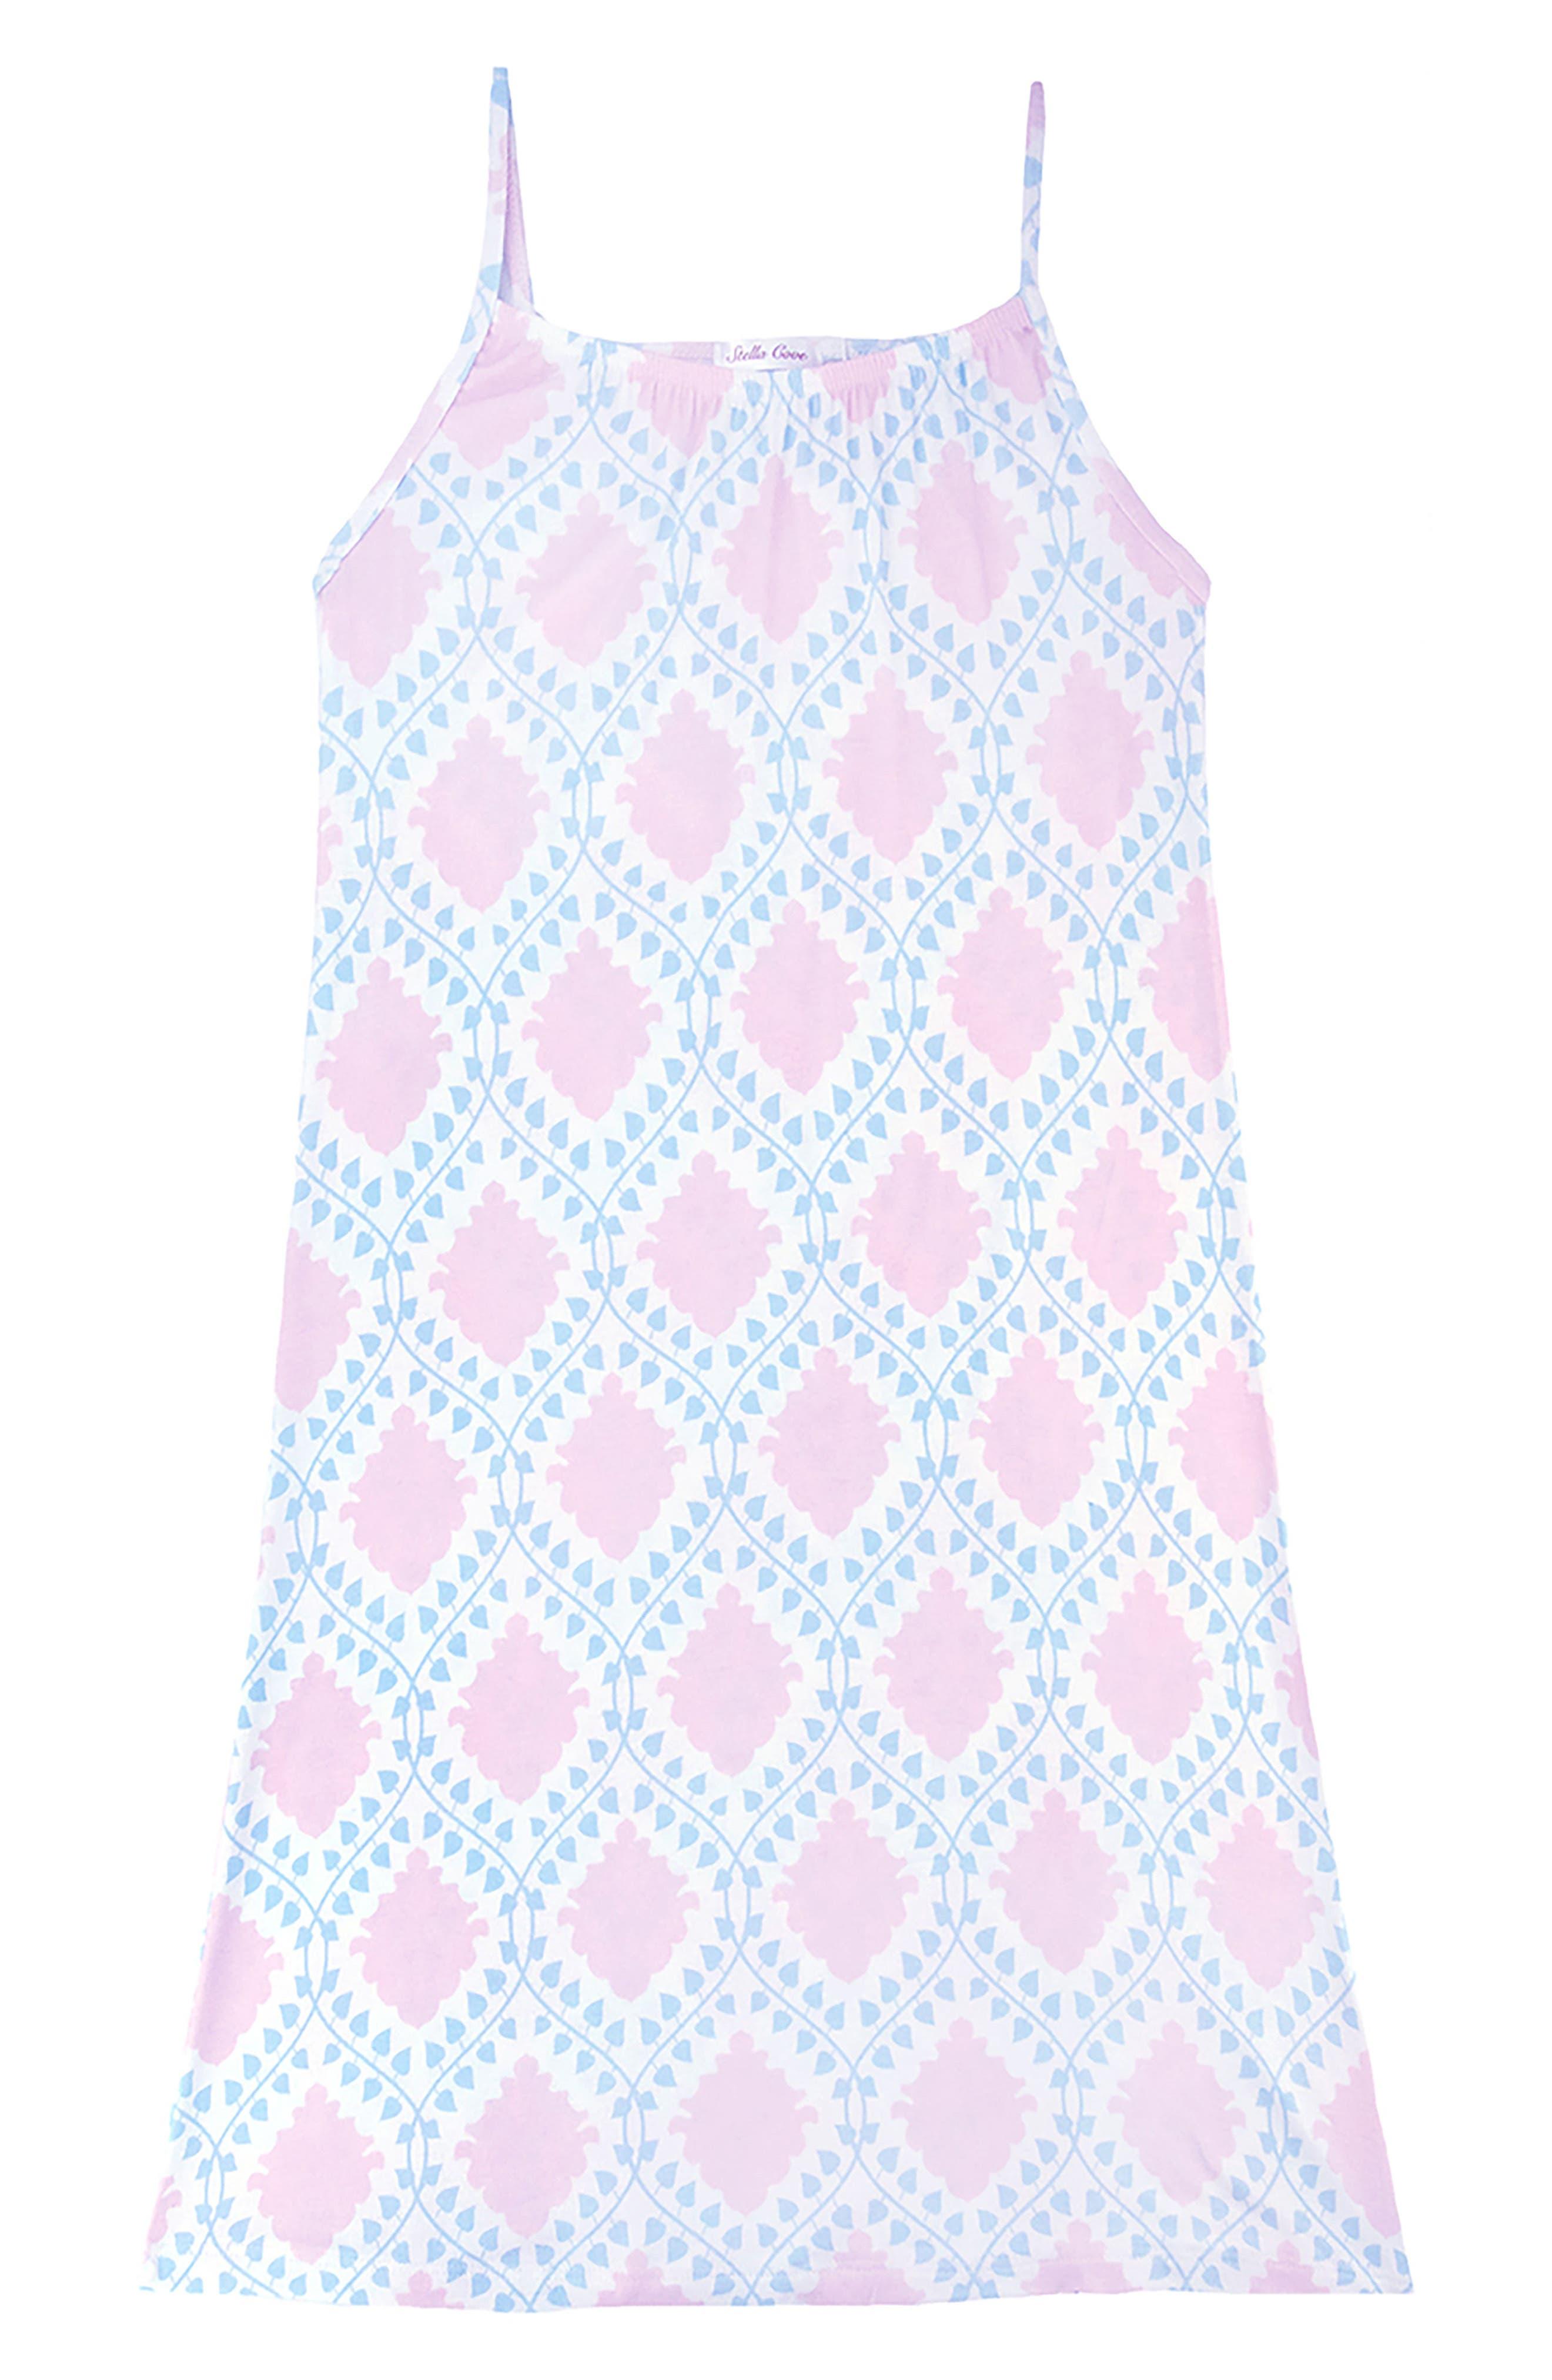 STELLA COVE Cover-Up Dress